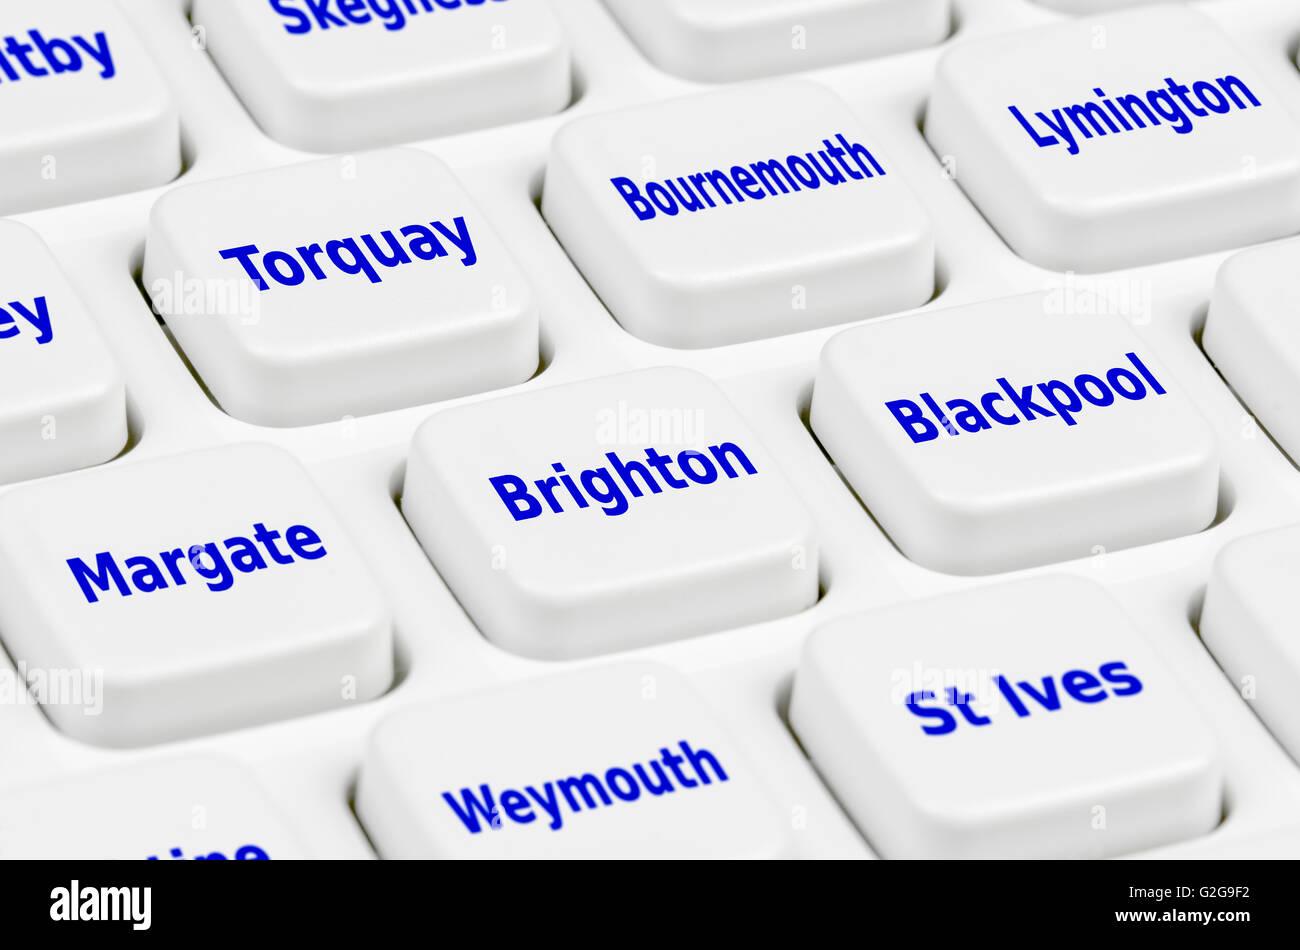 Regno Unito vacanze le opzioni di destinazione sulla tastiera di un computer. Immagini Stock